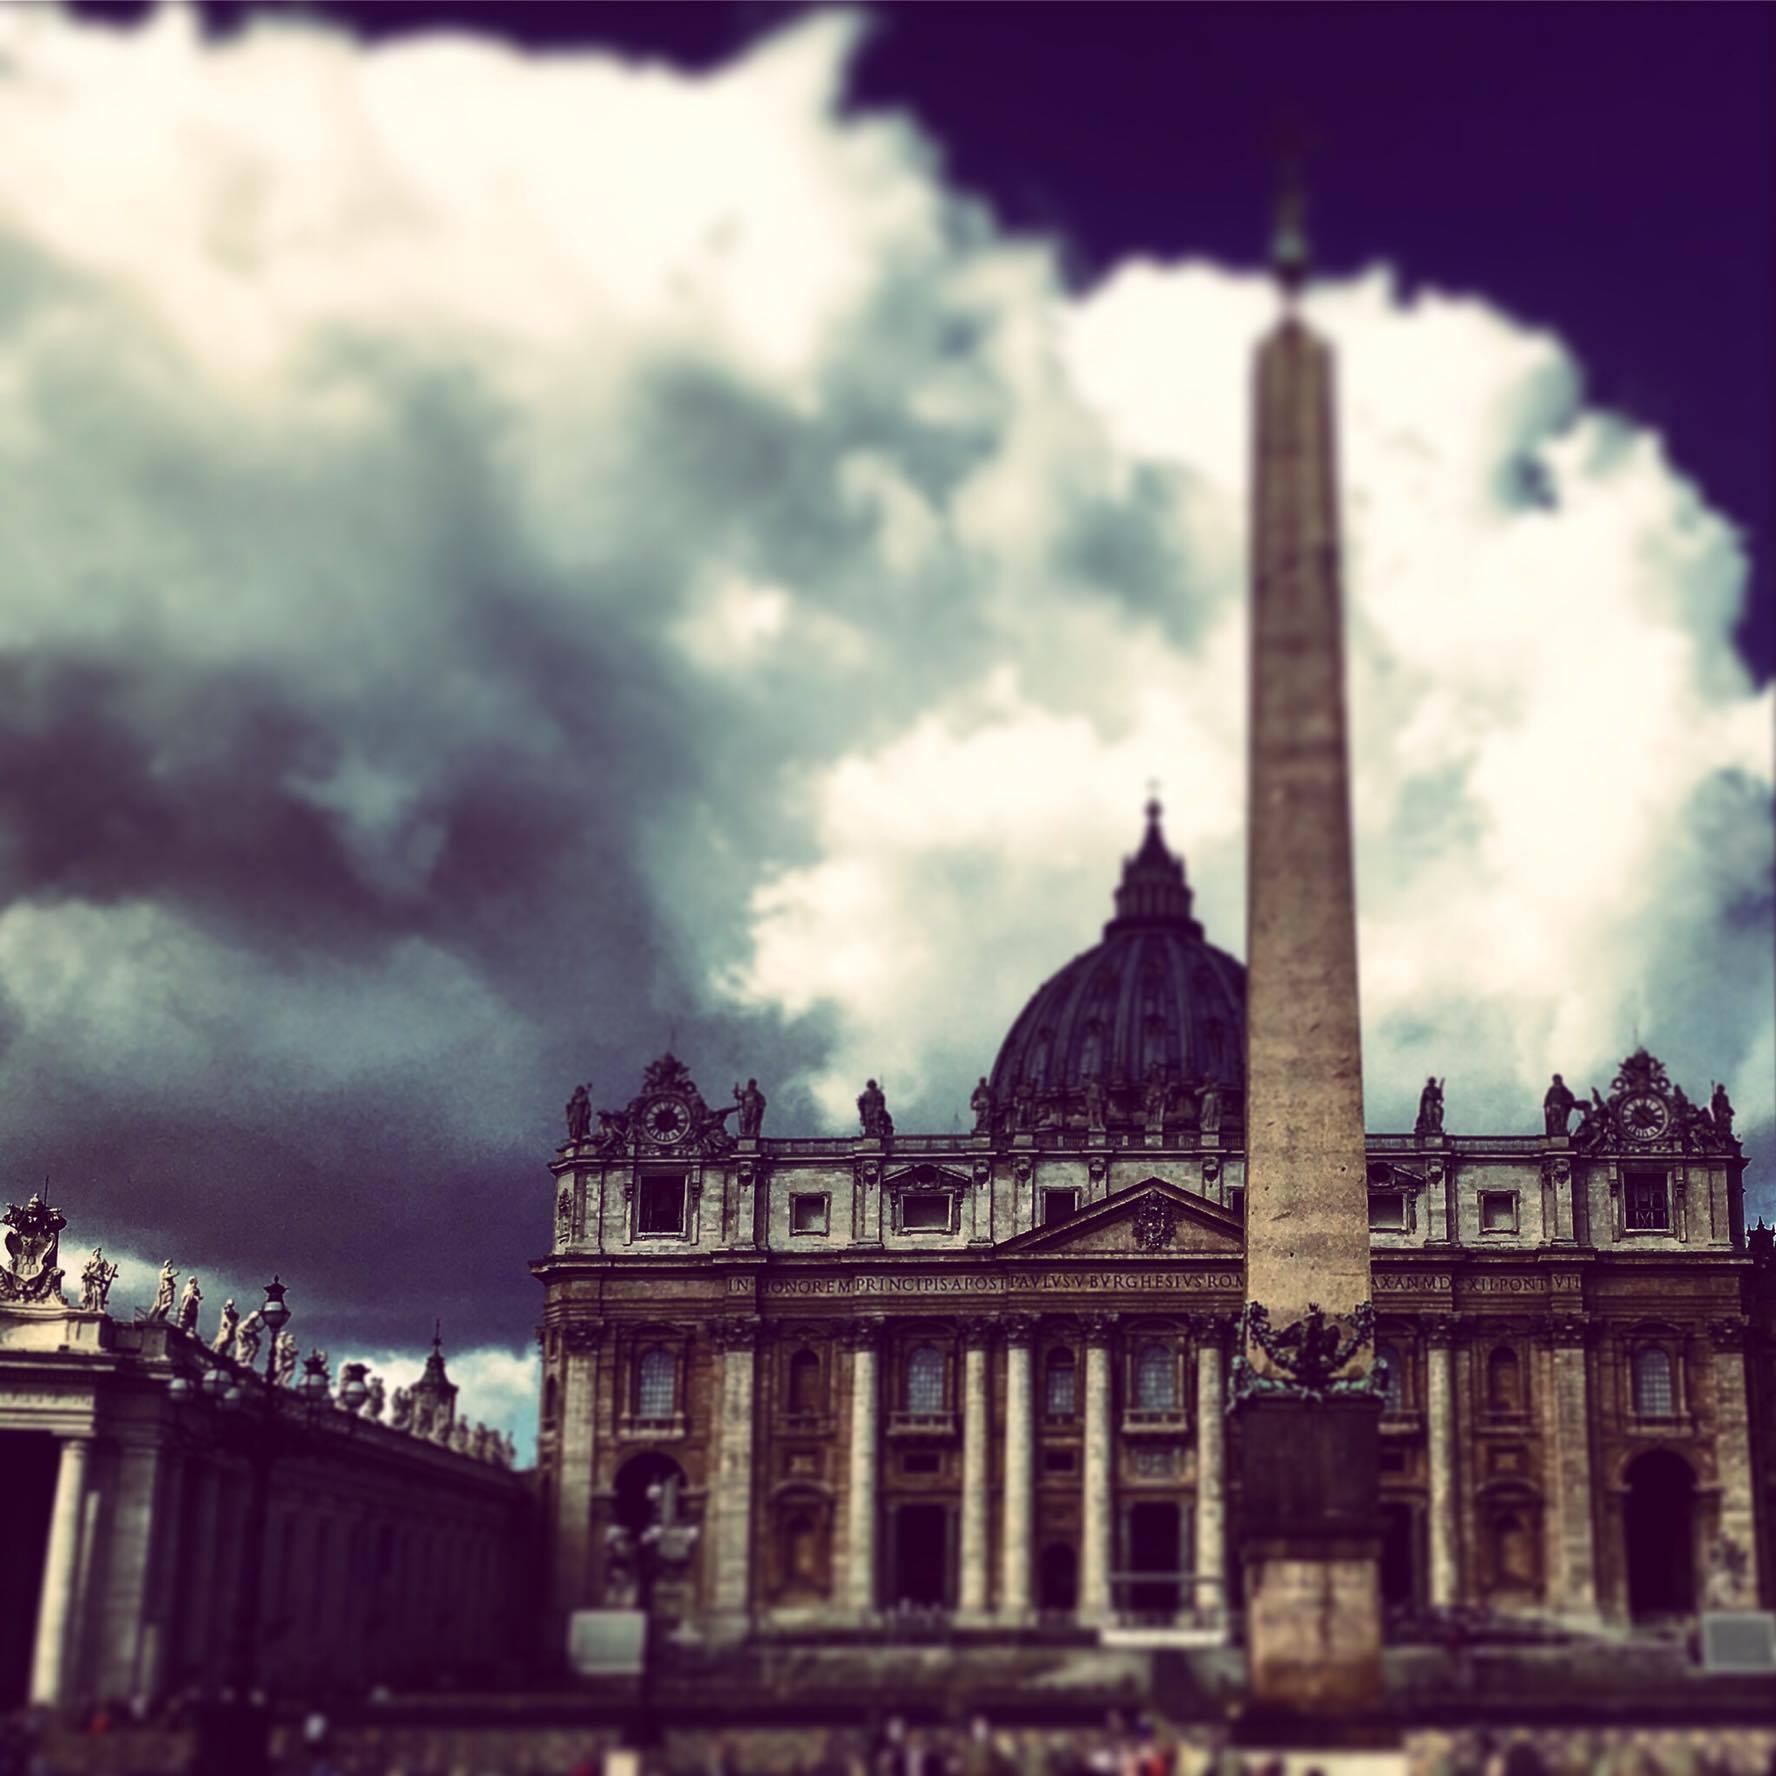 путеводитель по риму отвратительный рим римские достопримечательности где поесть в риме вечный город колизей отвратительные мужики disgusting men